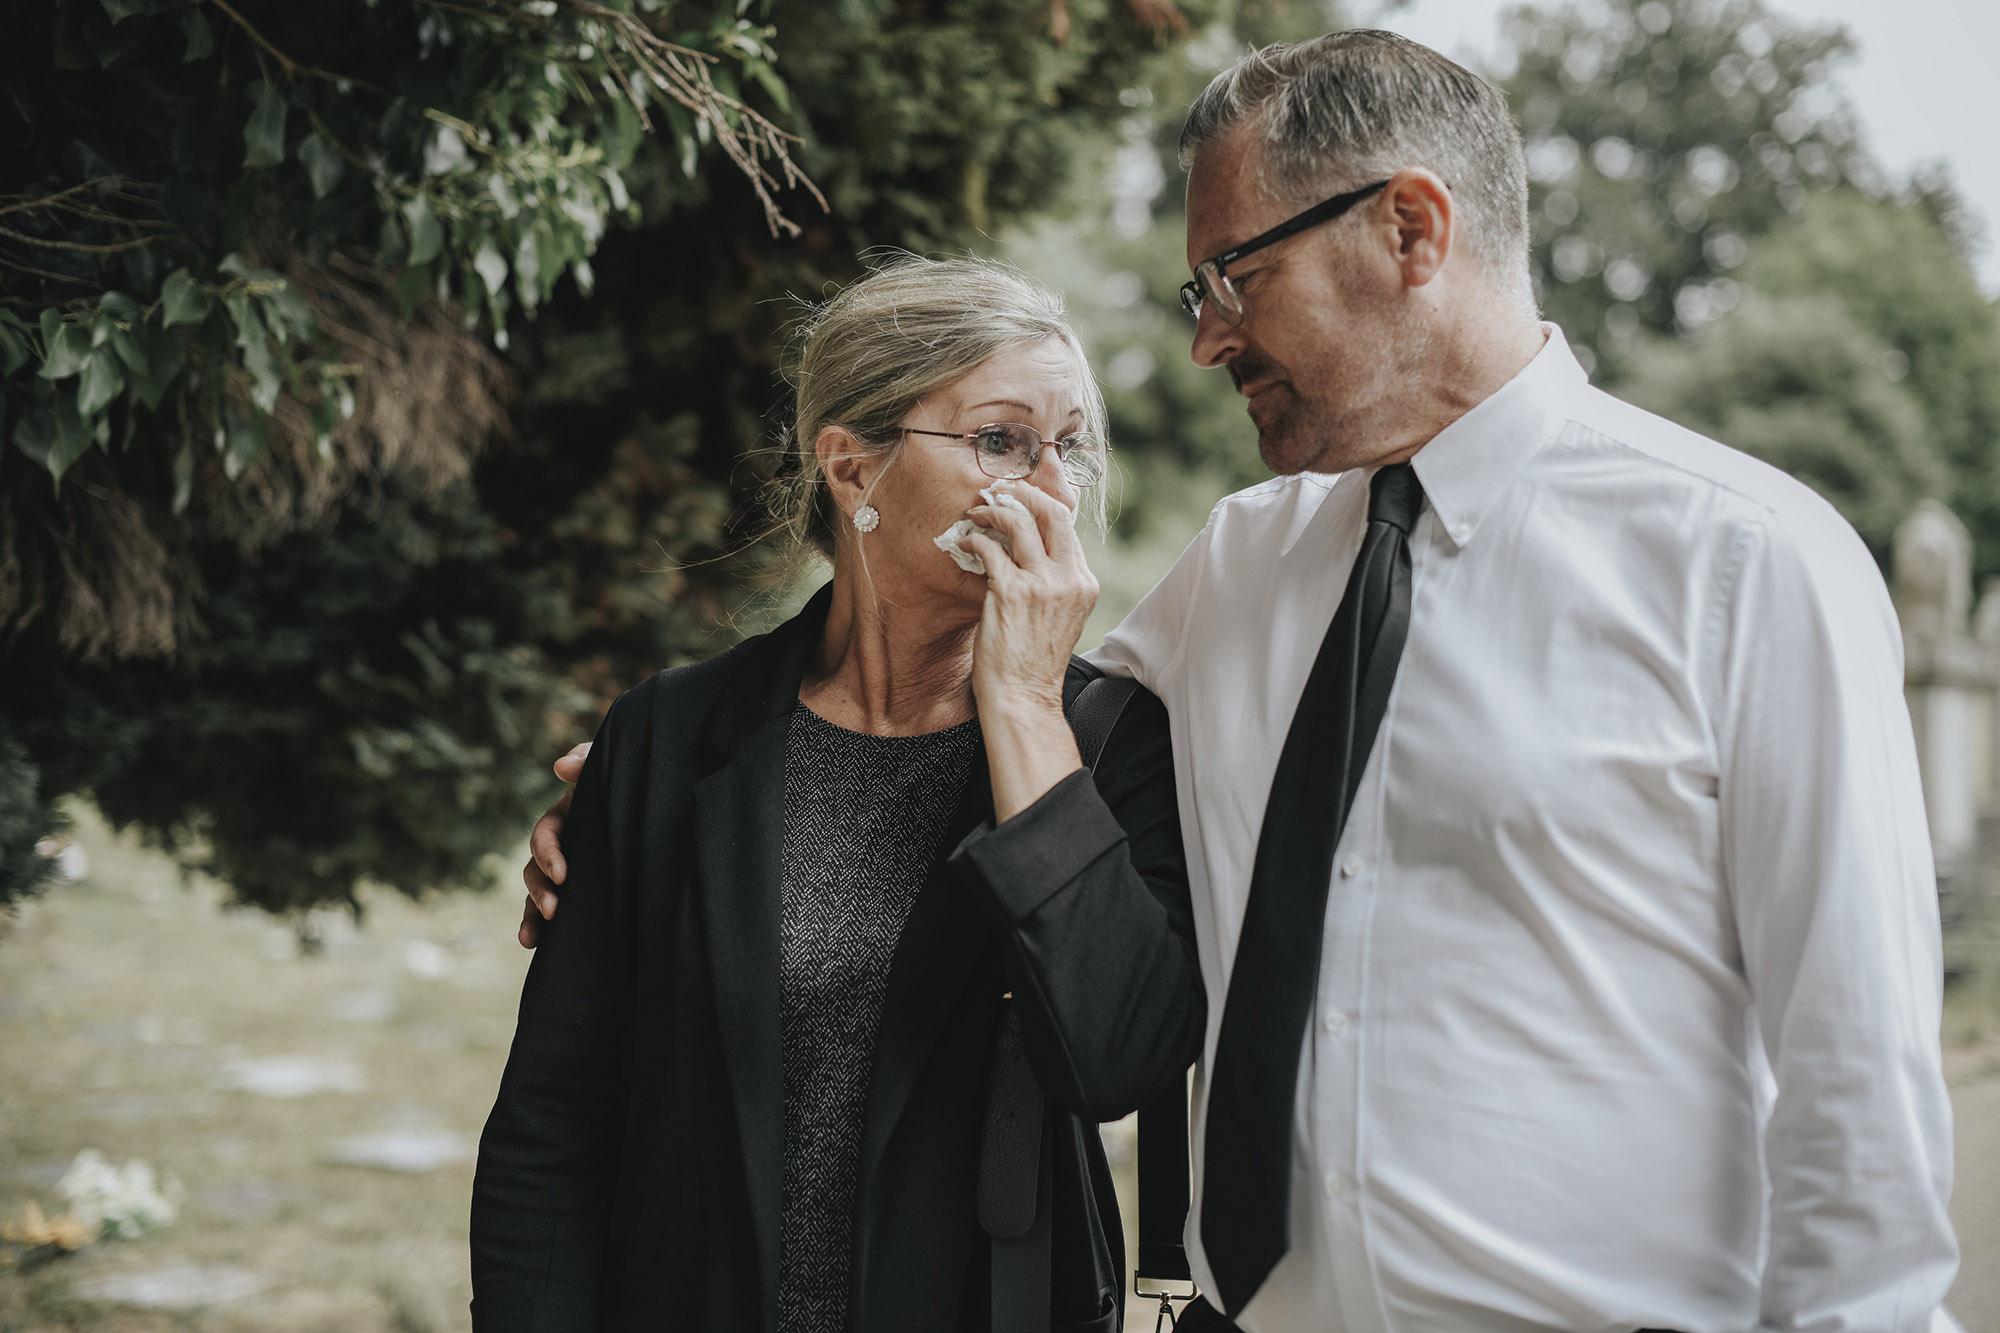 couple d'âge moyen après les funérailles de la perte